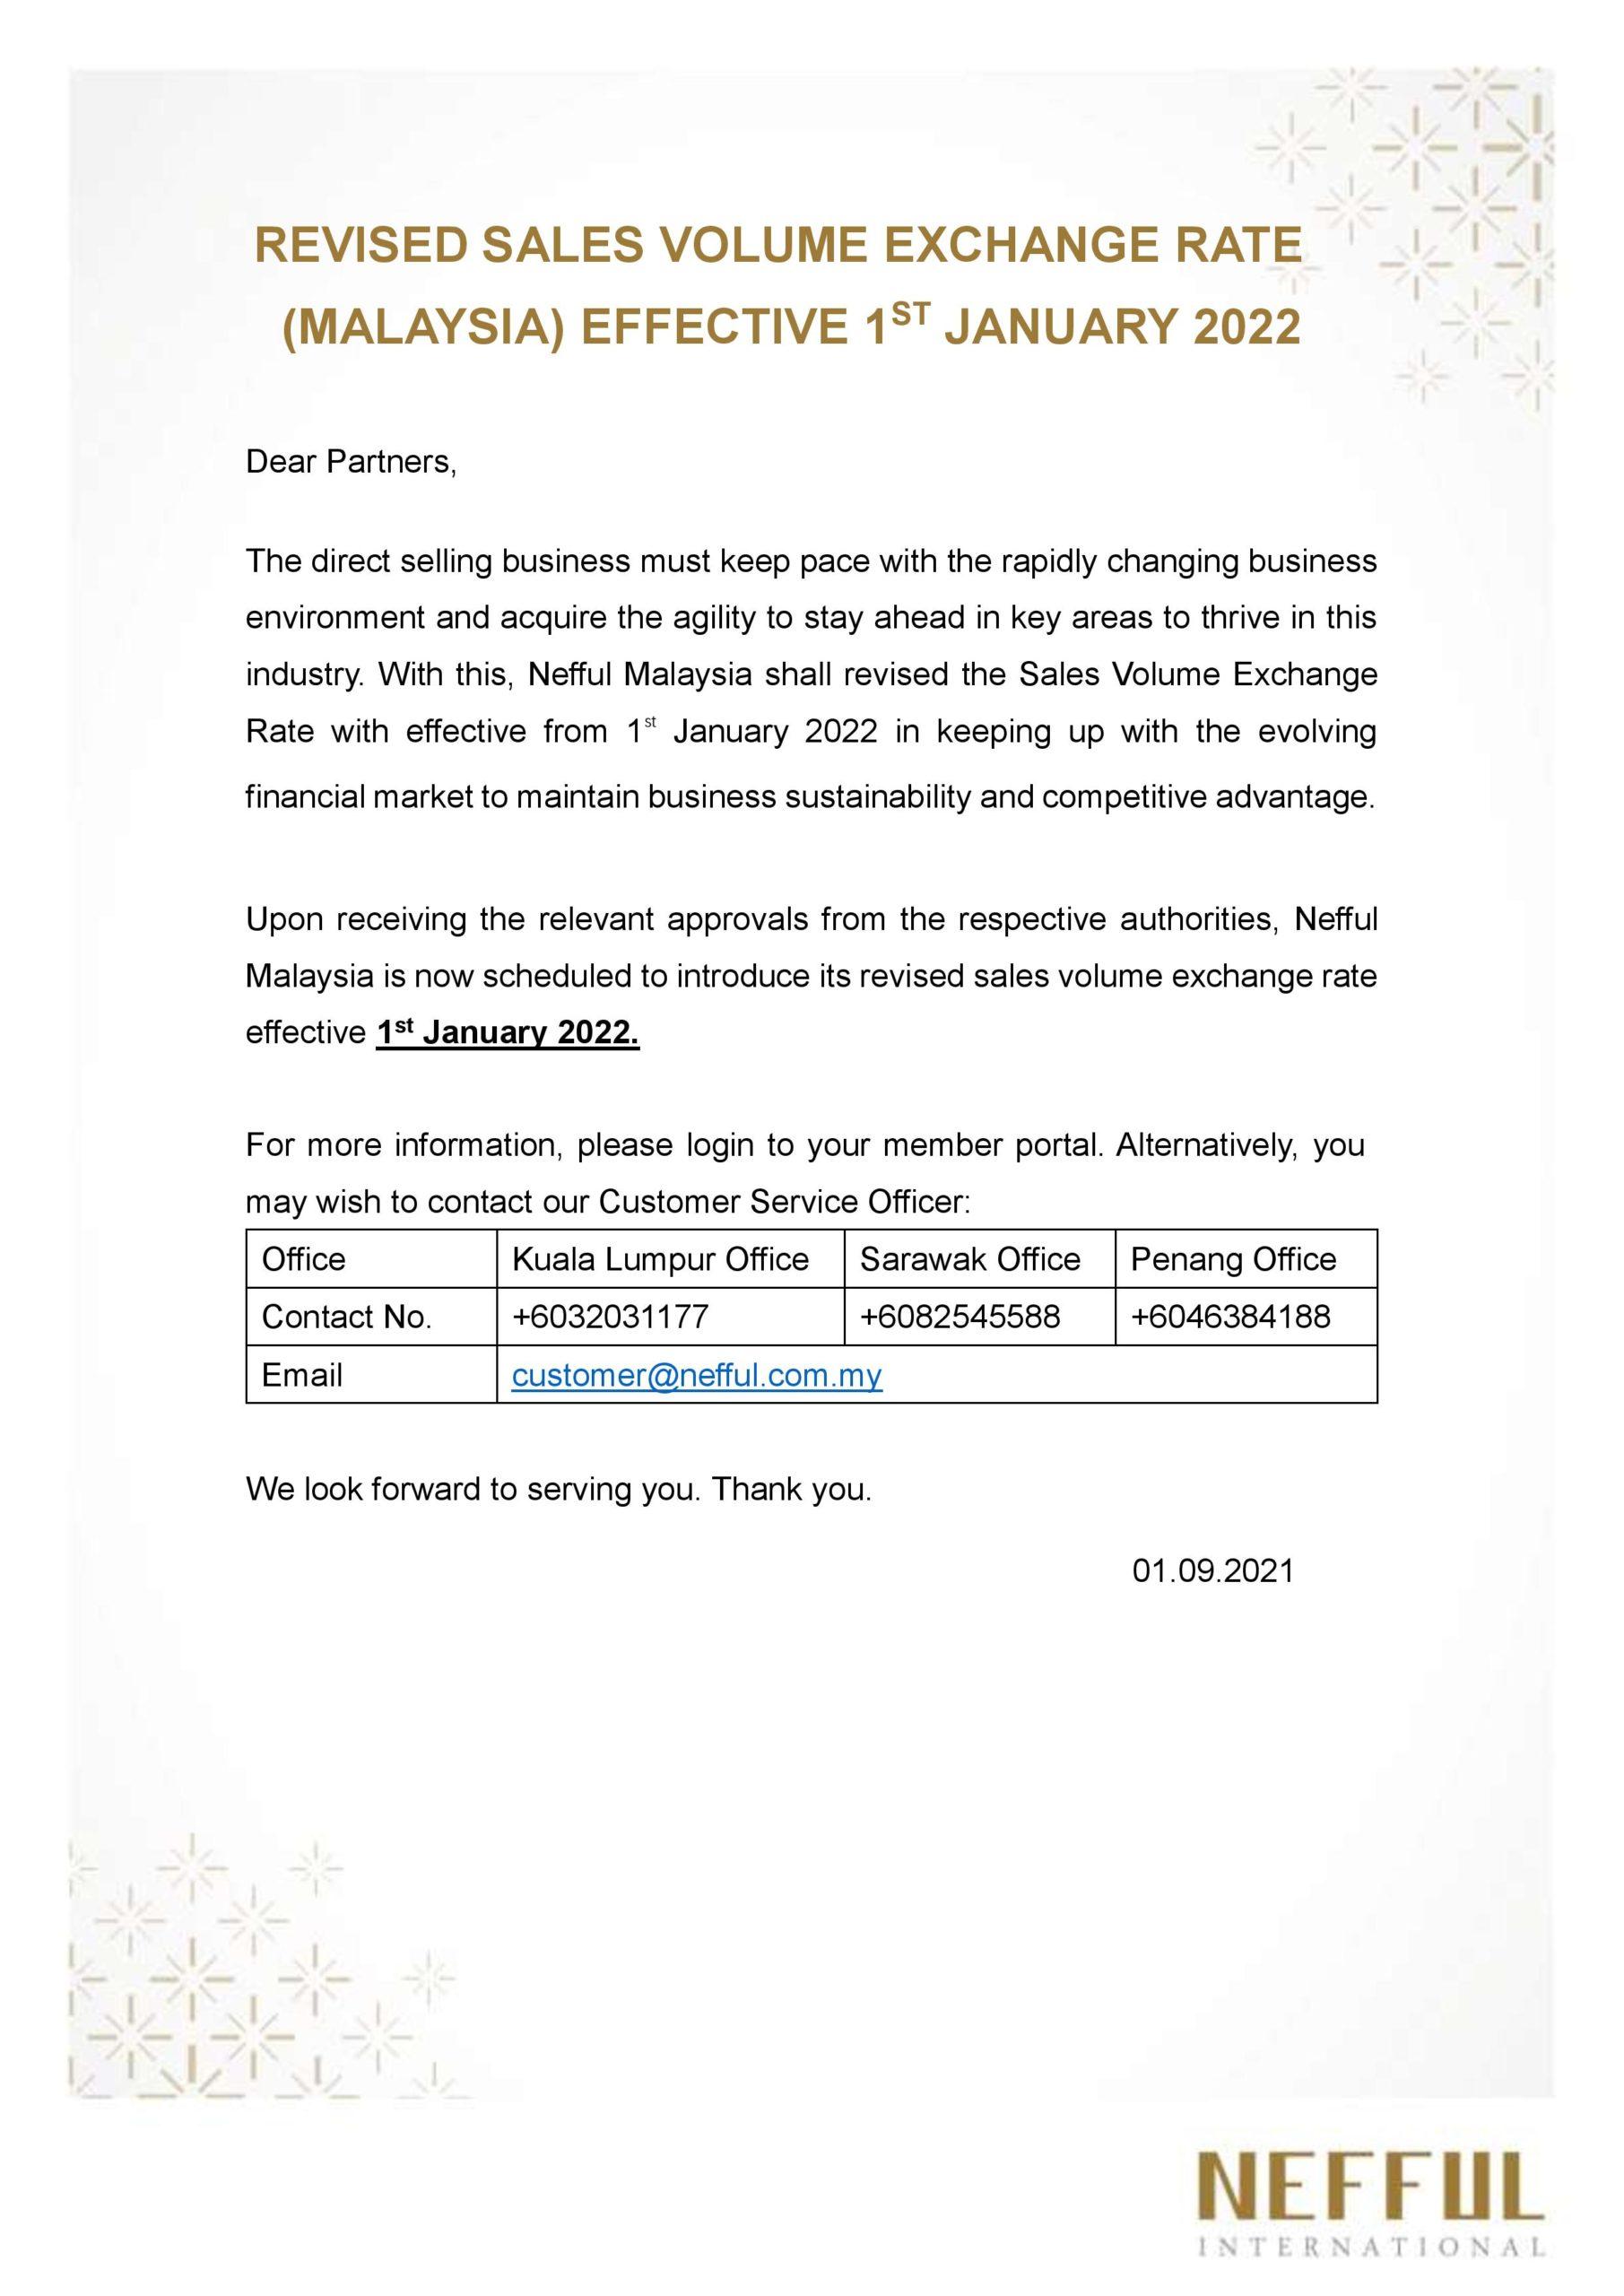 馬來西亞業績換算基調整公告(簡)EN 24082021-page-001